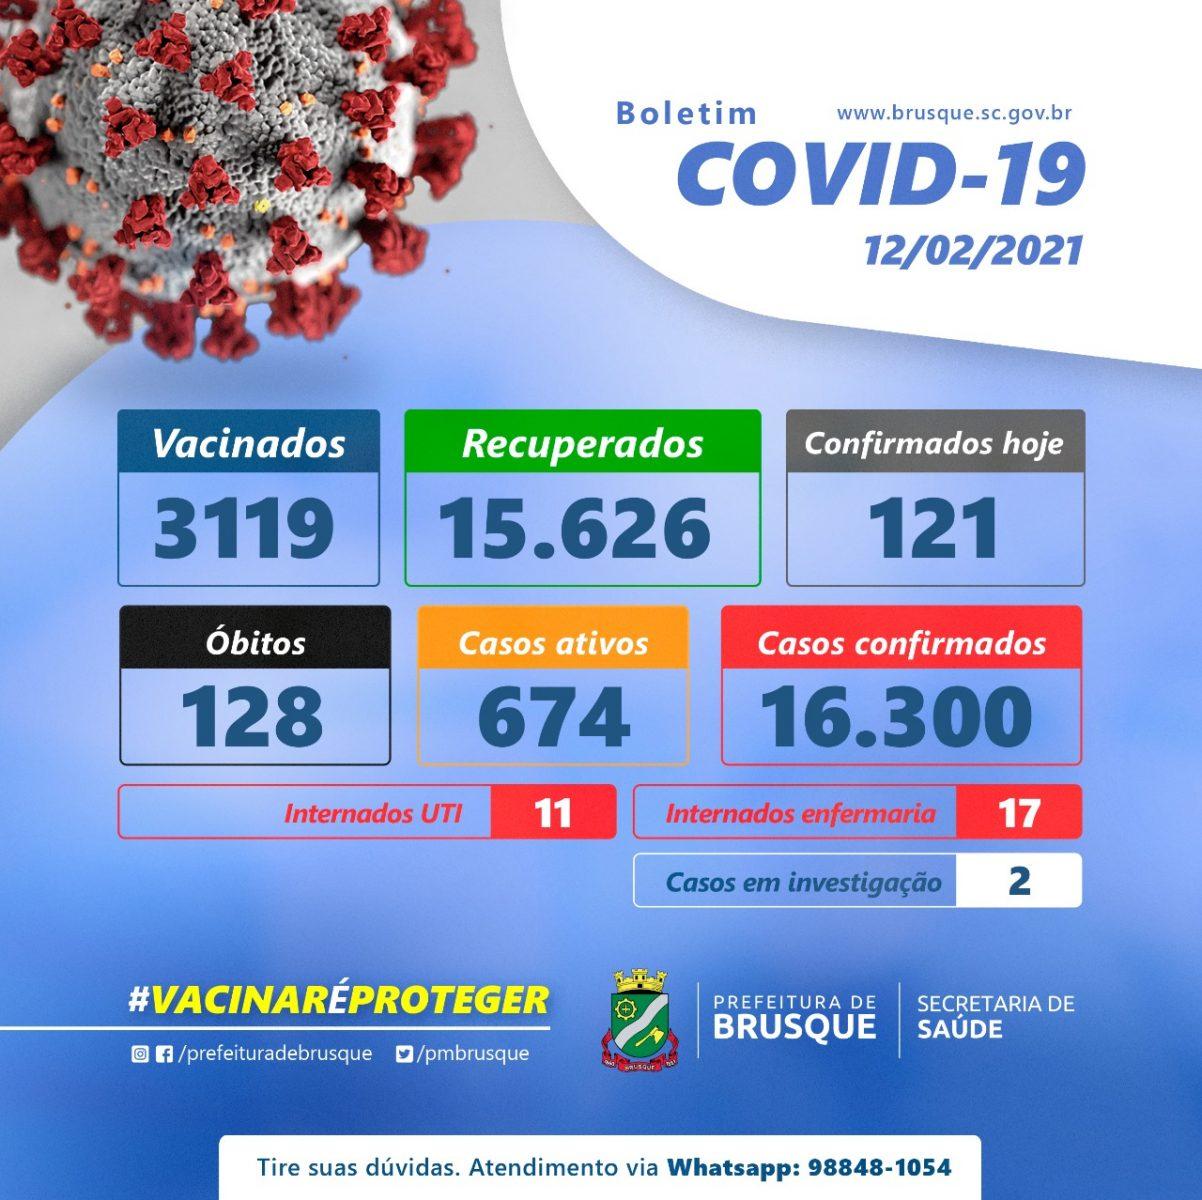 Covid-19: Confira o boletim epidemiológico deste sábado (13)